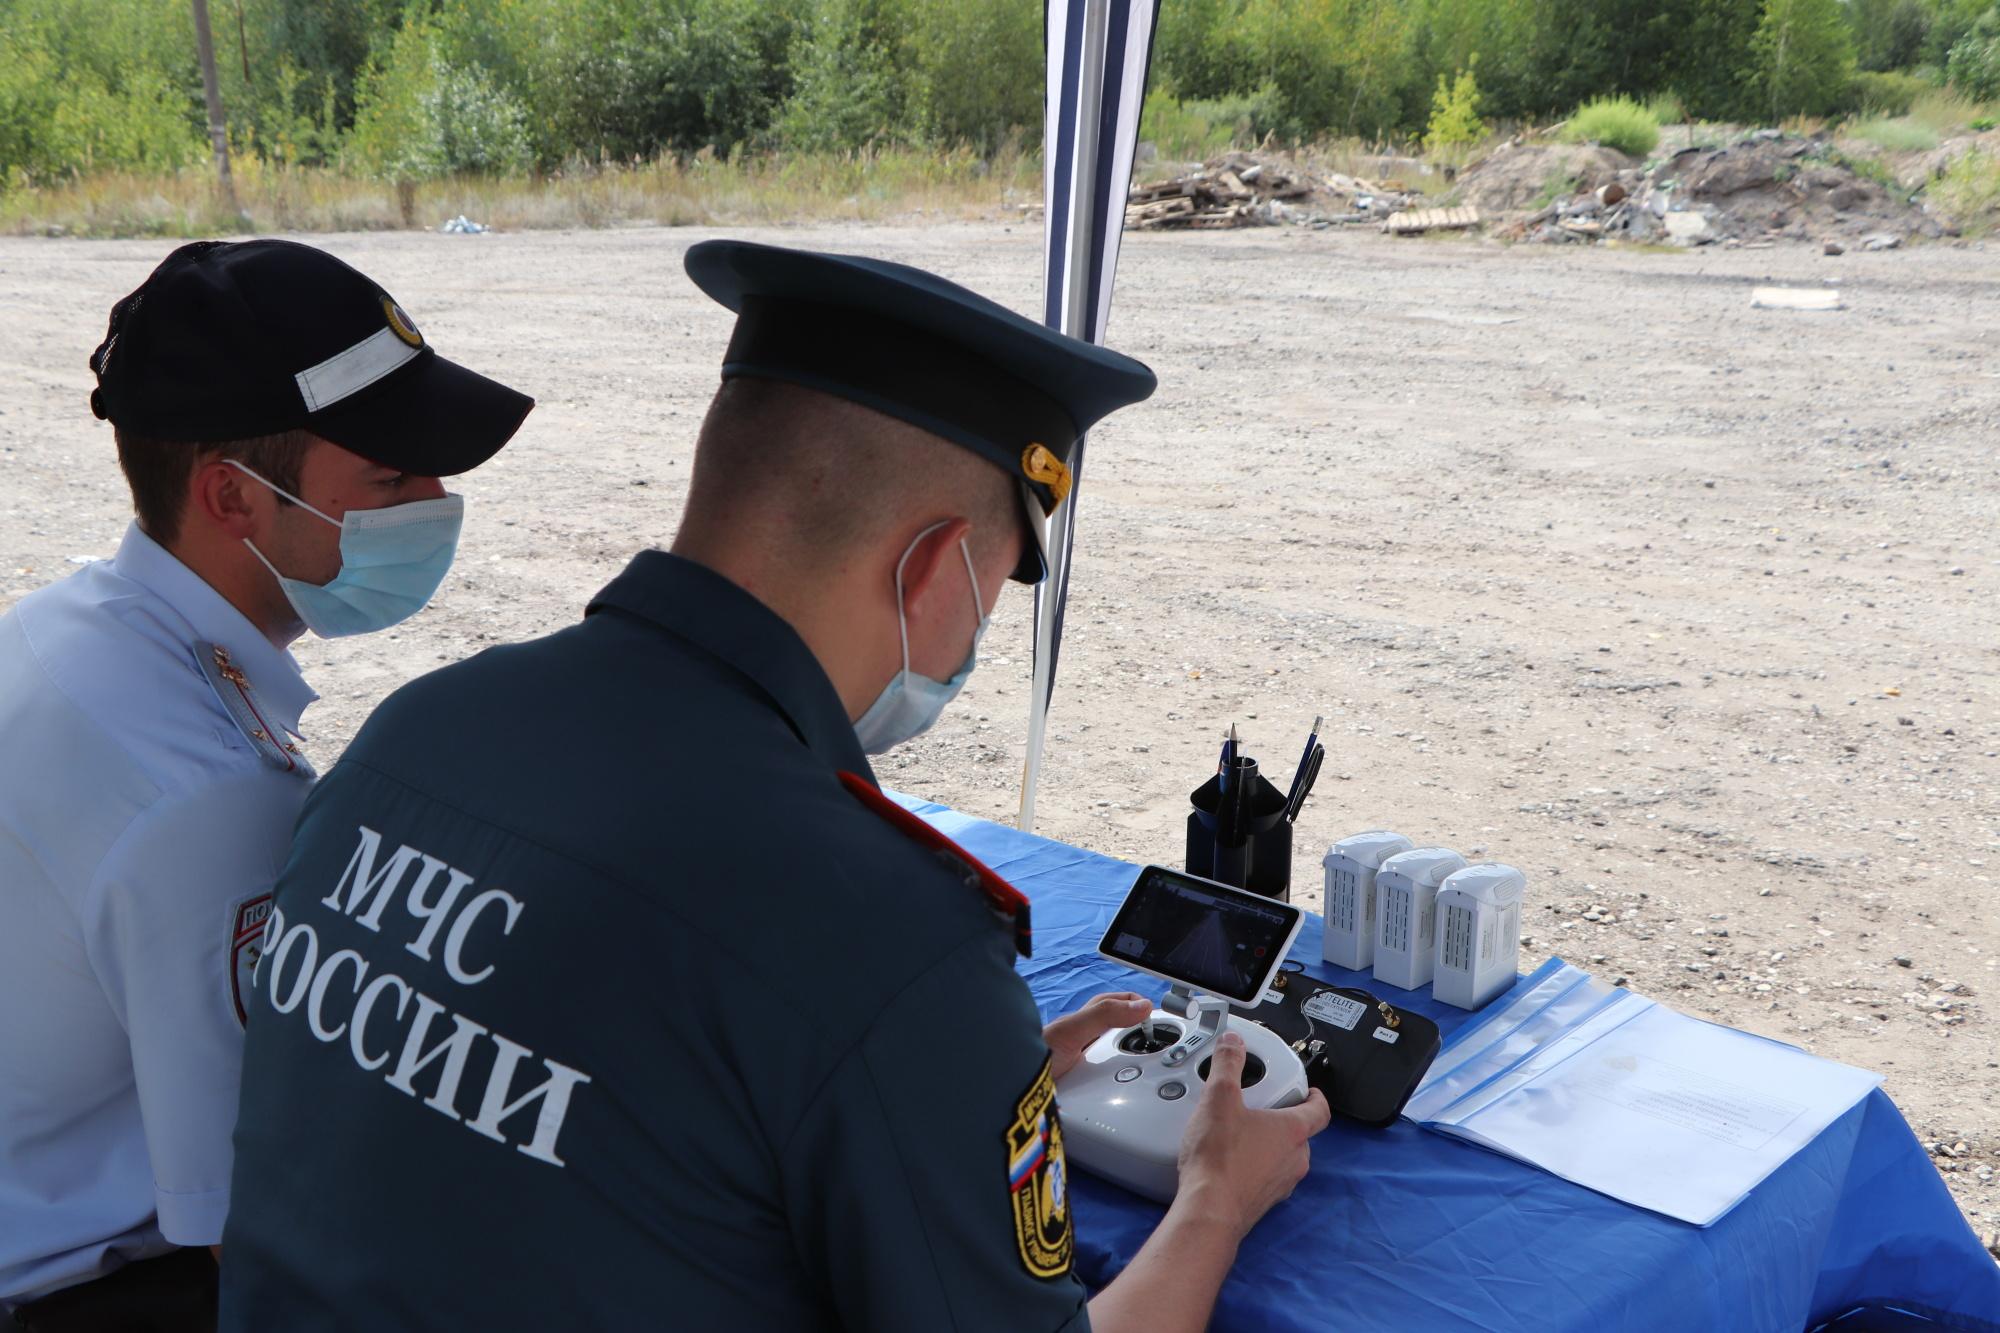 В Тамбовской области нарушителей ПДД выявляют с помощью беспилотников